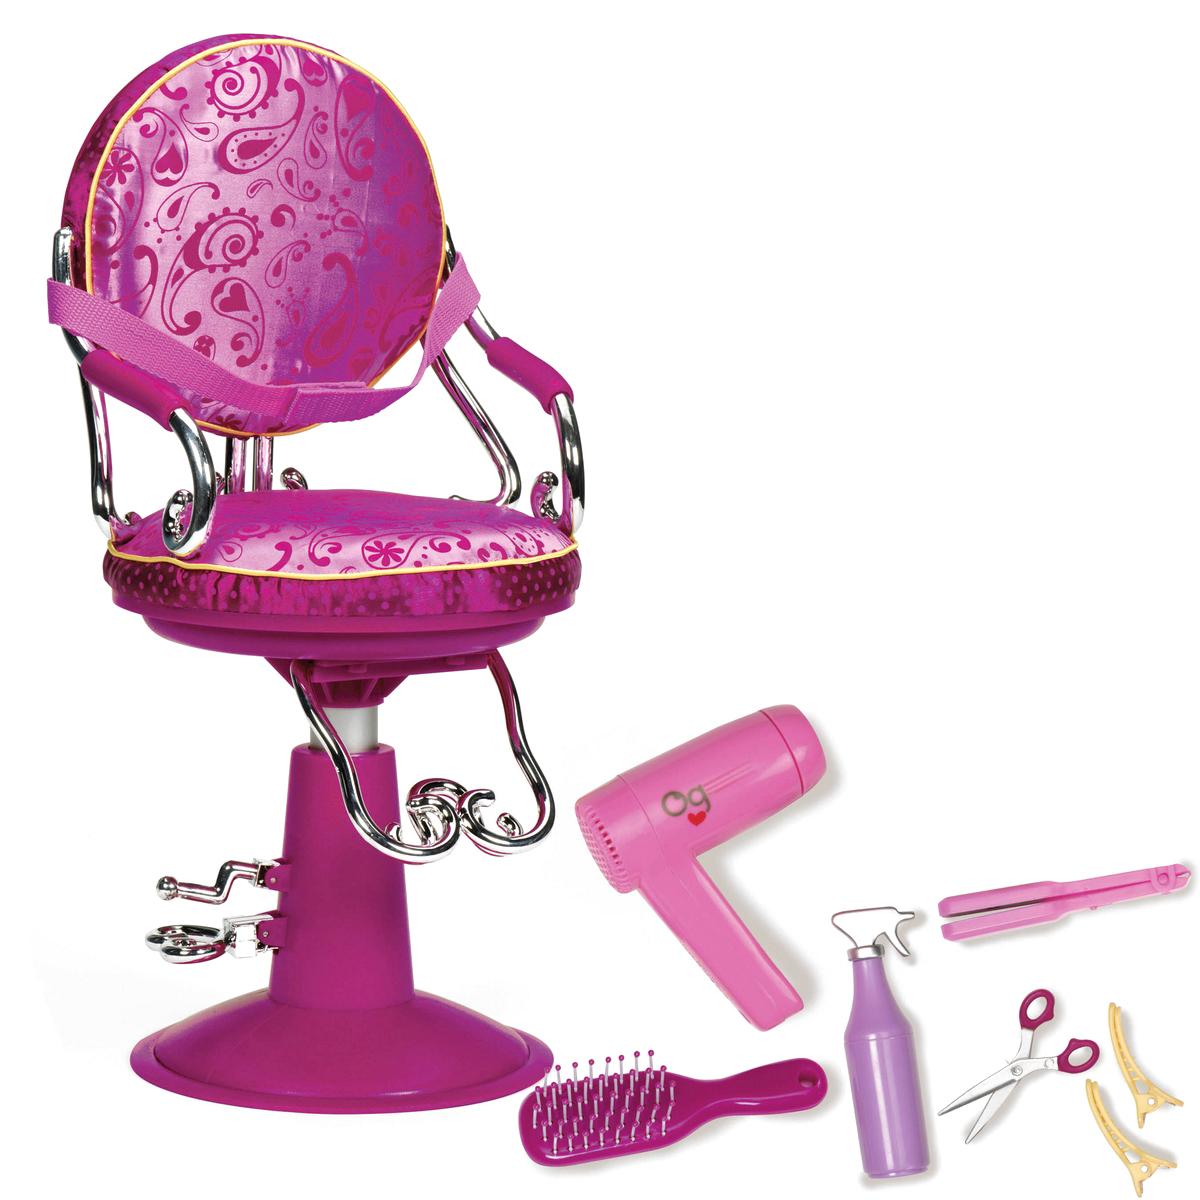 Our Generation Кресло парикмахерское с аксессуарами для куклы парикмахерское оборудование в киеве